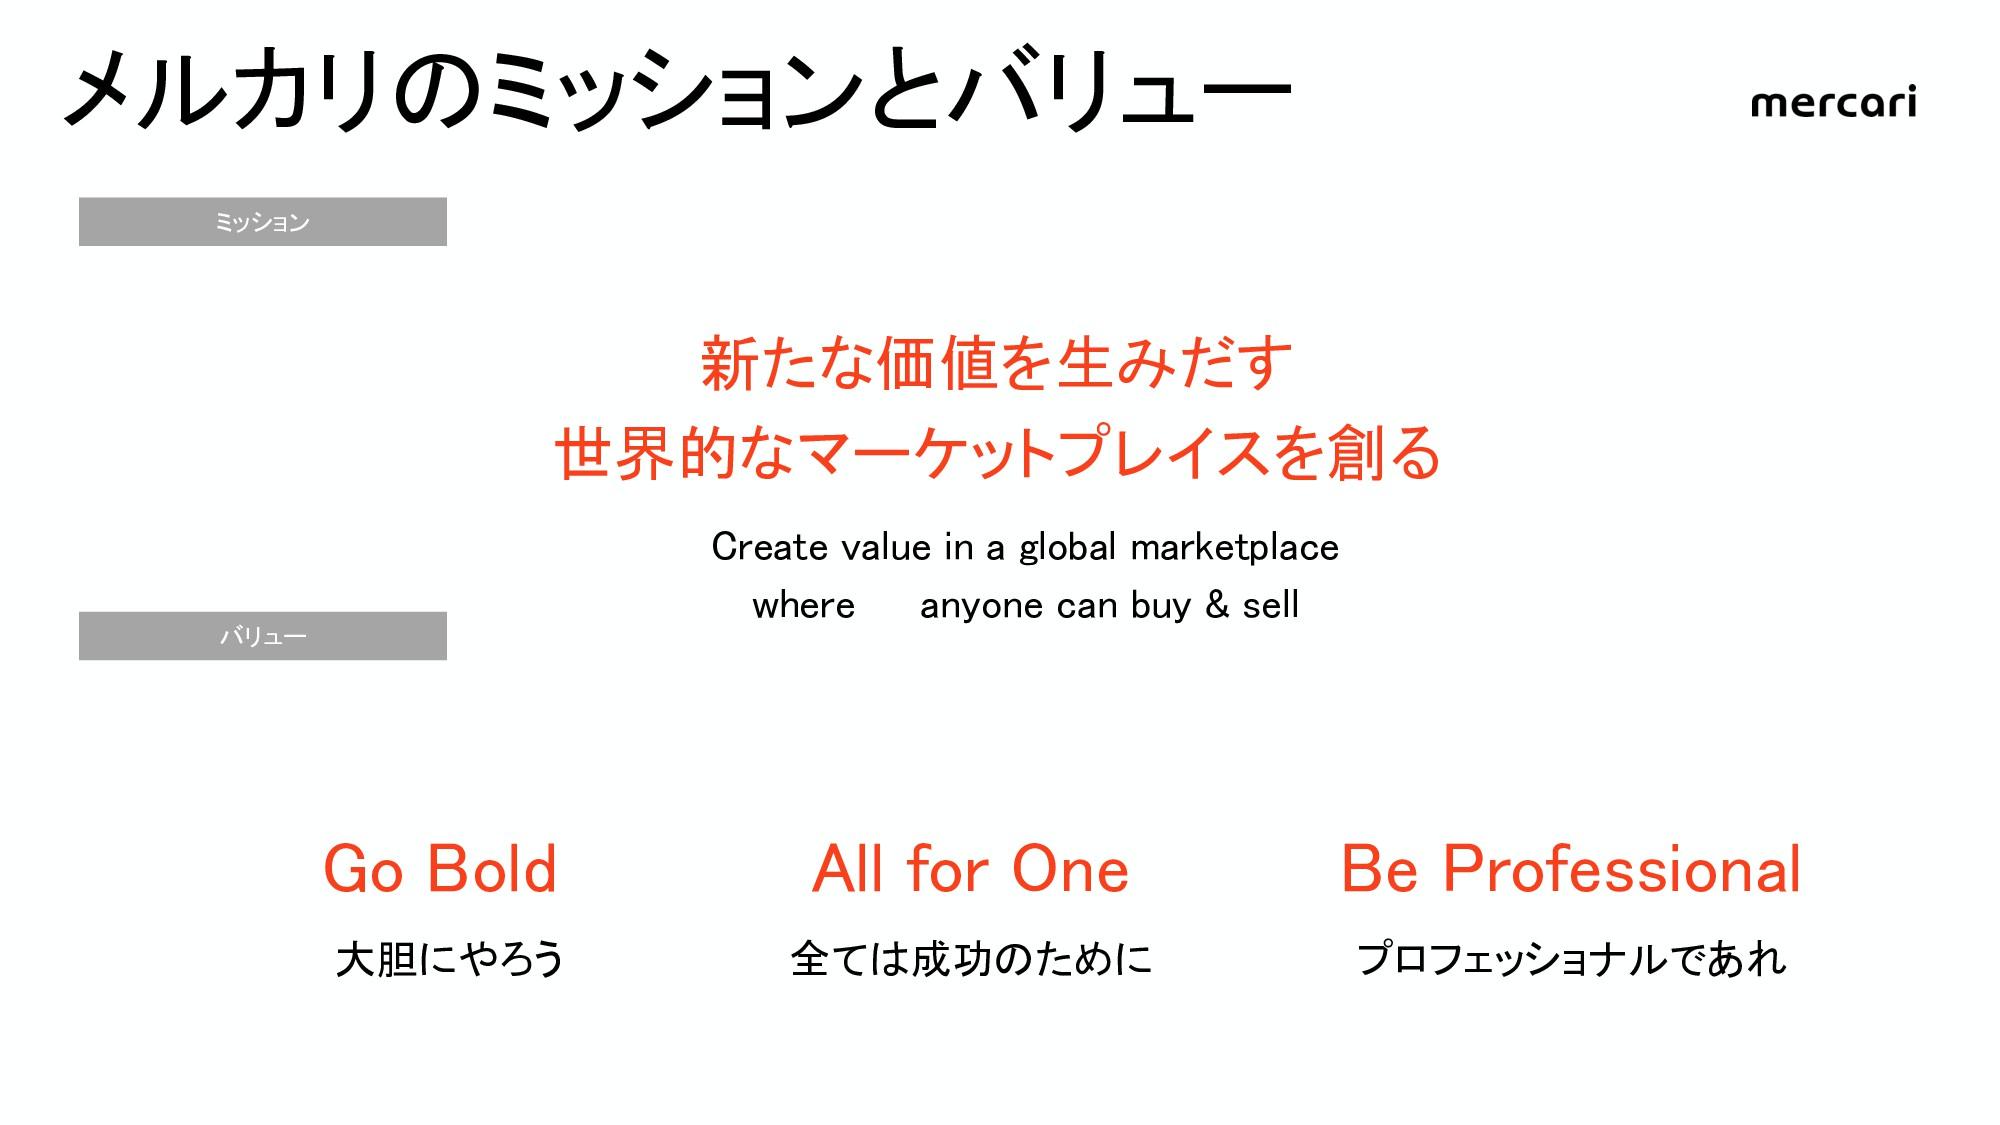 新たな価値を生みだす 世界的なマーケットプレイスを創る Create value in a g...